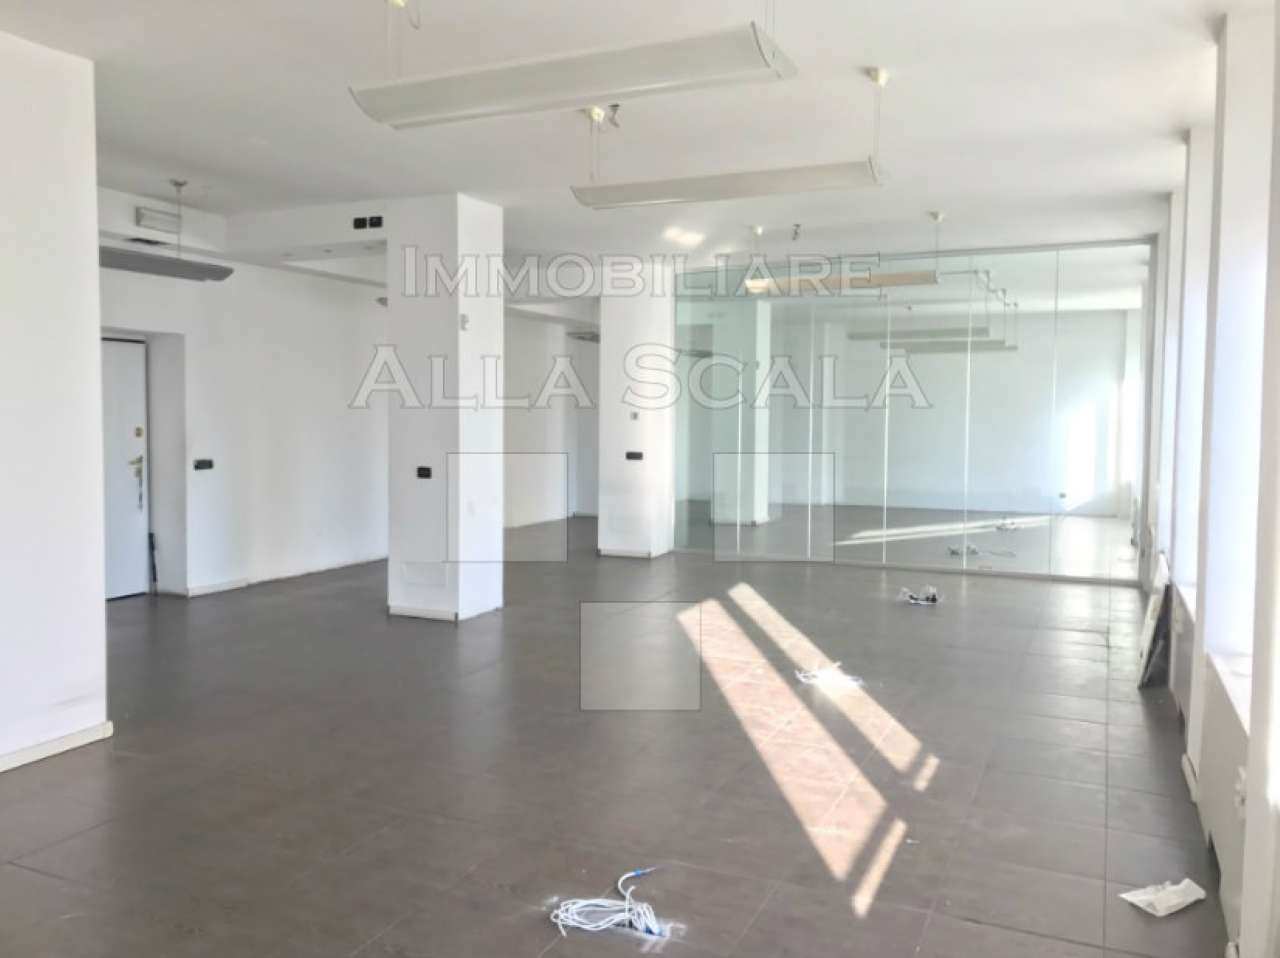 Ufficio / Studio in affitto a Milano, 6 locali, zona Zona: 1 . Centro Storico, Duomo, Brera, Cadorna, Cattolica, prezzo € 3.895 | CambioCasa.it